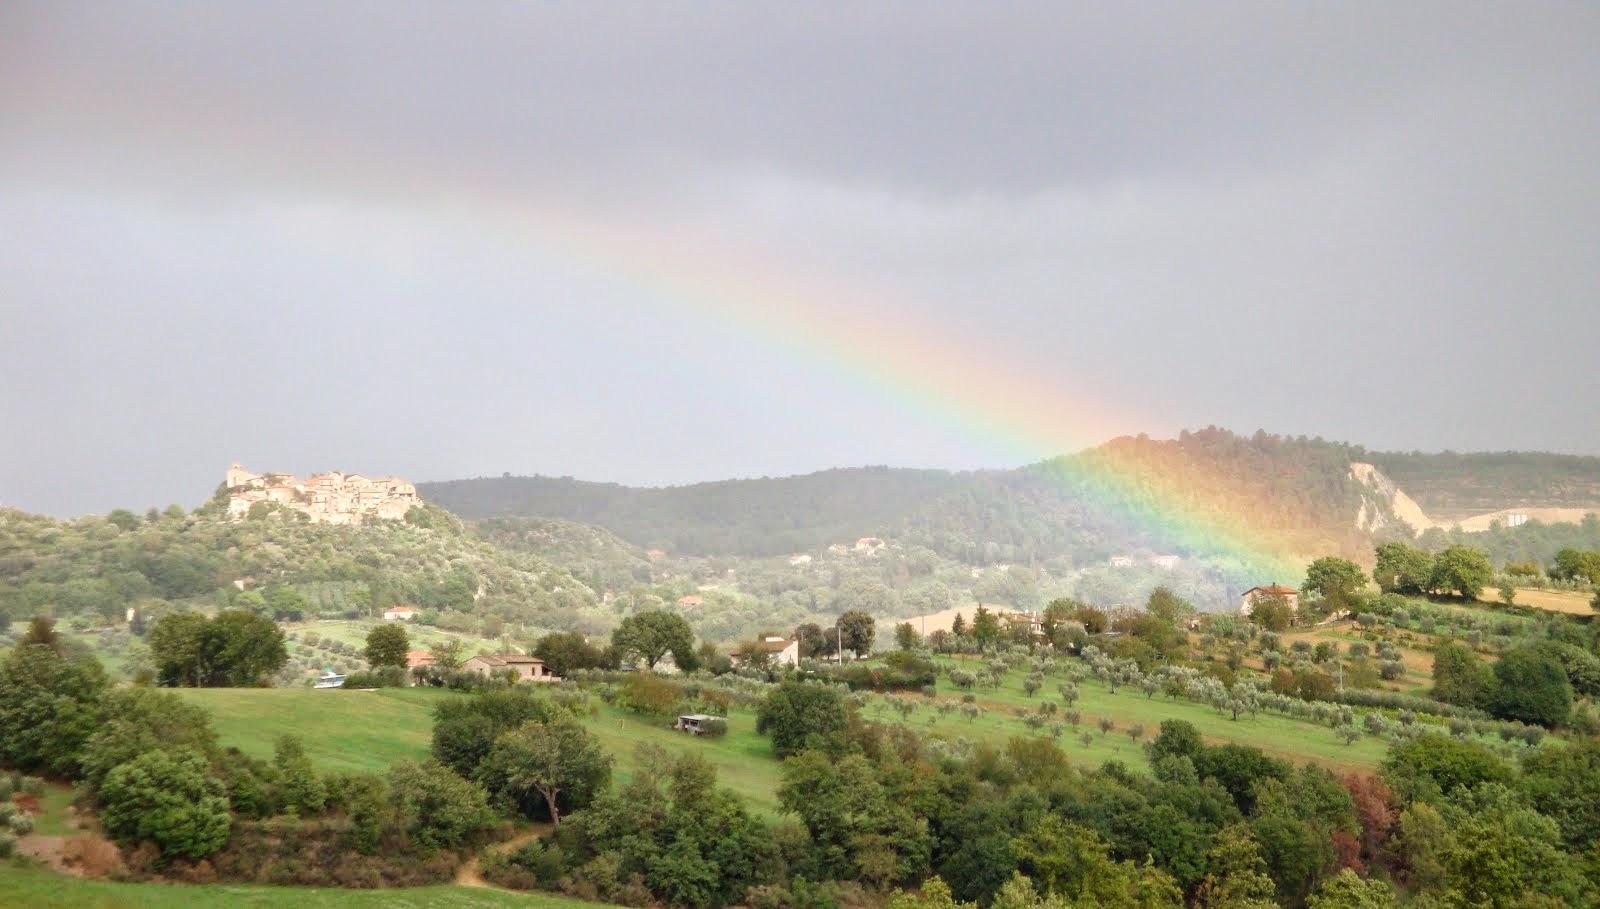 """""""Un arcobaleno senza tempesta questa si che sarebbe una festa """" Ratti della Sabina"""